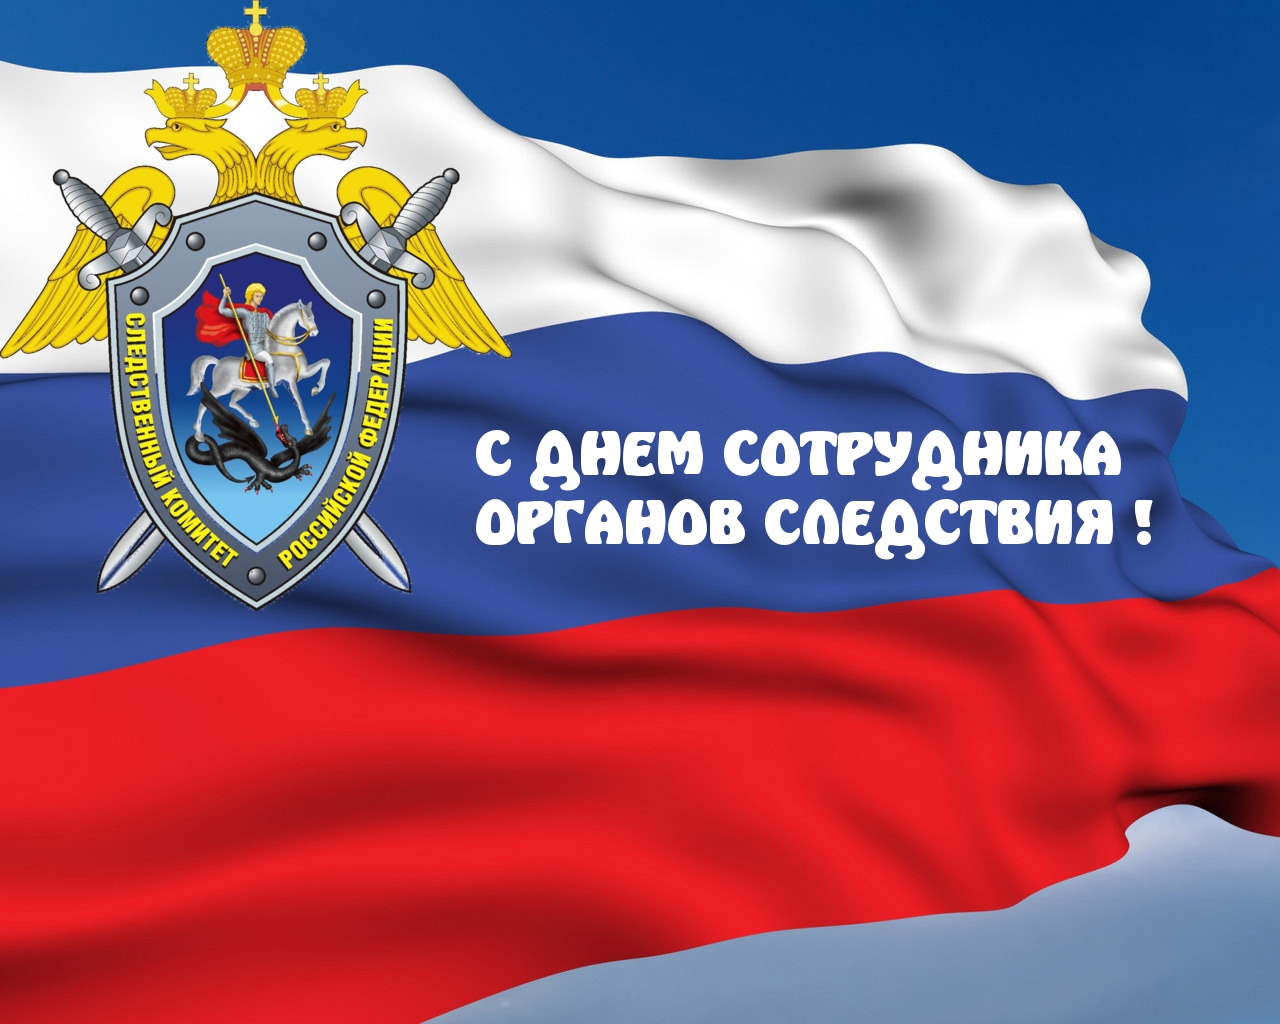 Сегодня отмечается День сотрудника органов следствия Российской Федерации